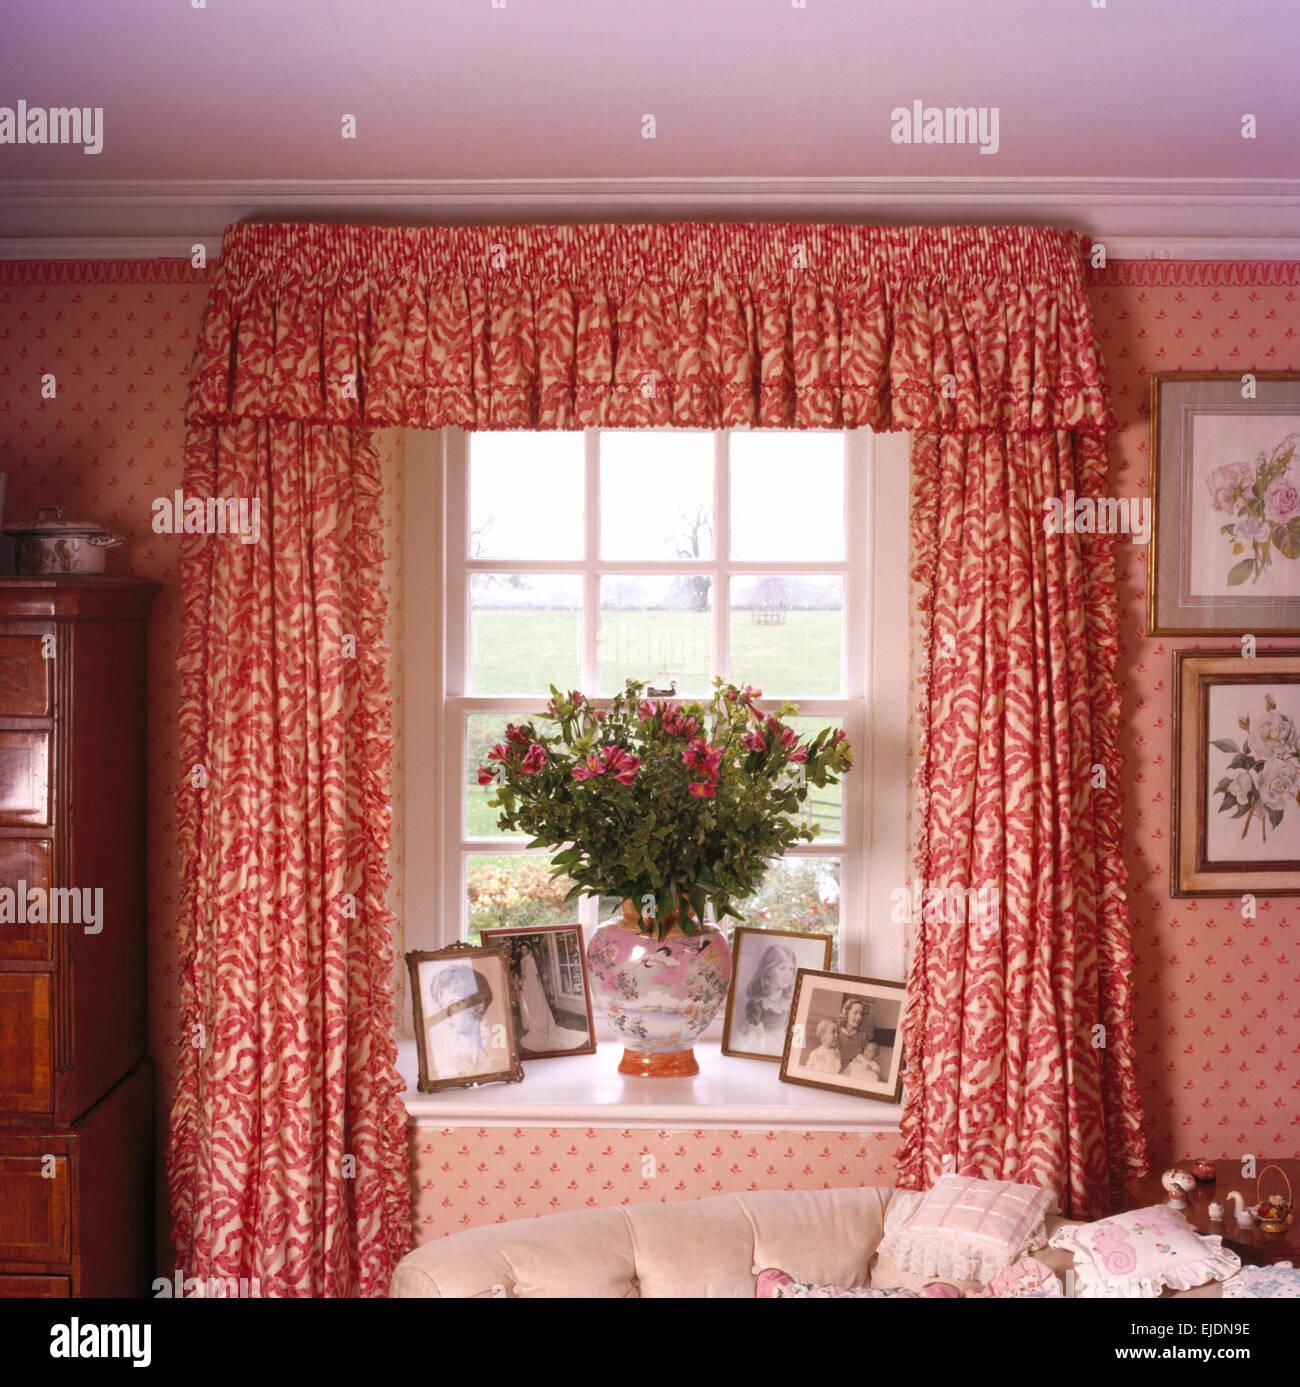 Rot gemusterte Vorhänge am Fenster im Ferienhaus Schlafzimmer ...